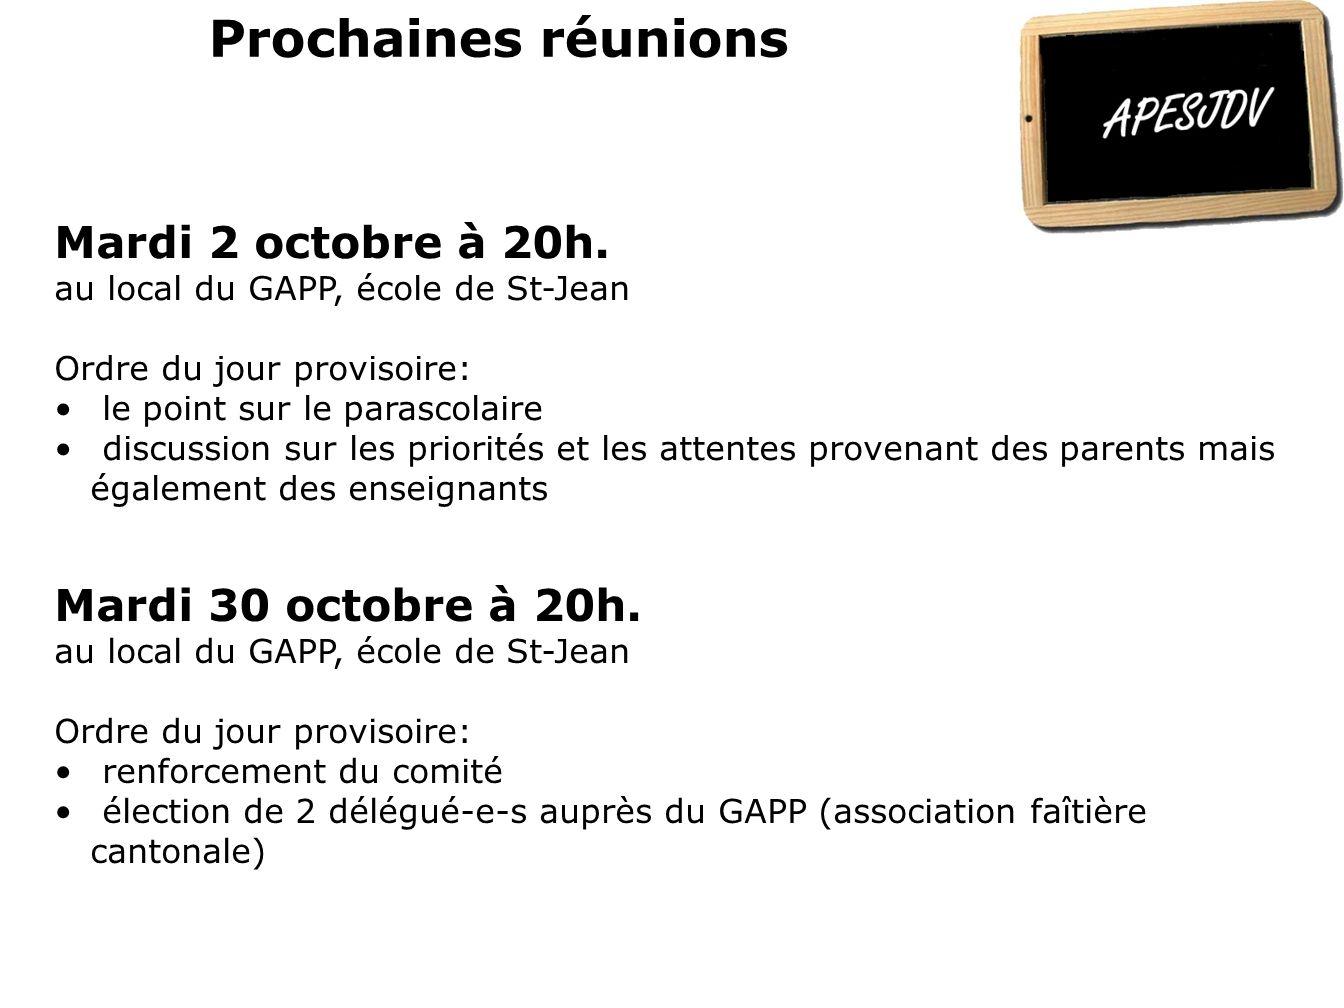 Prochaines réunions Mardi 2 octobre à 20h. Mardi 30 octobre à 20h.